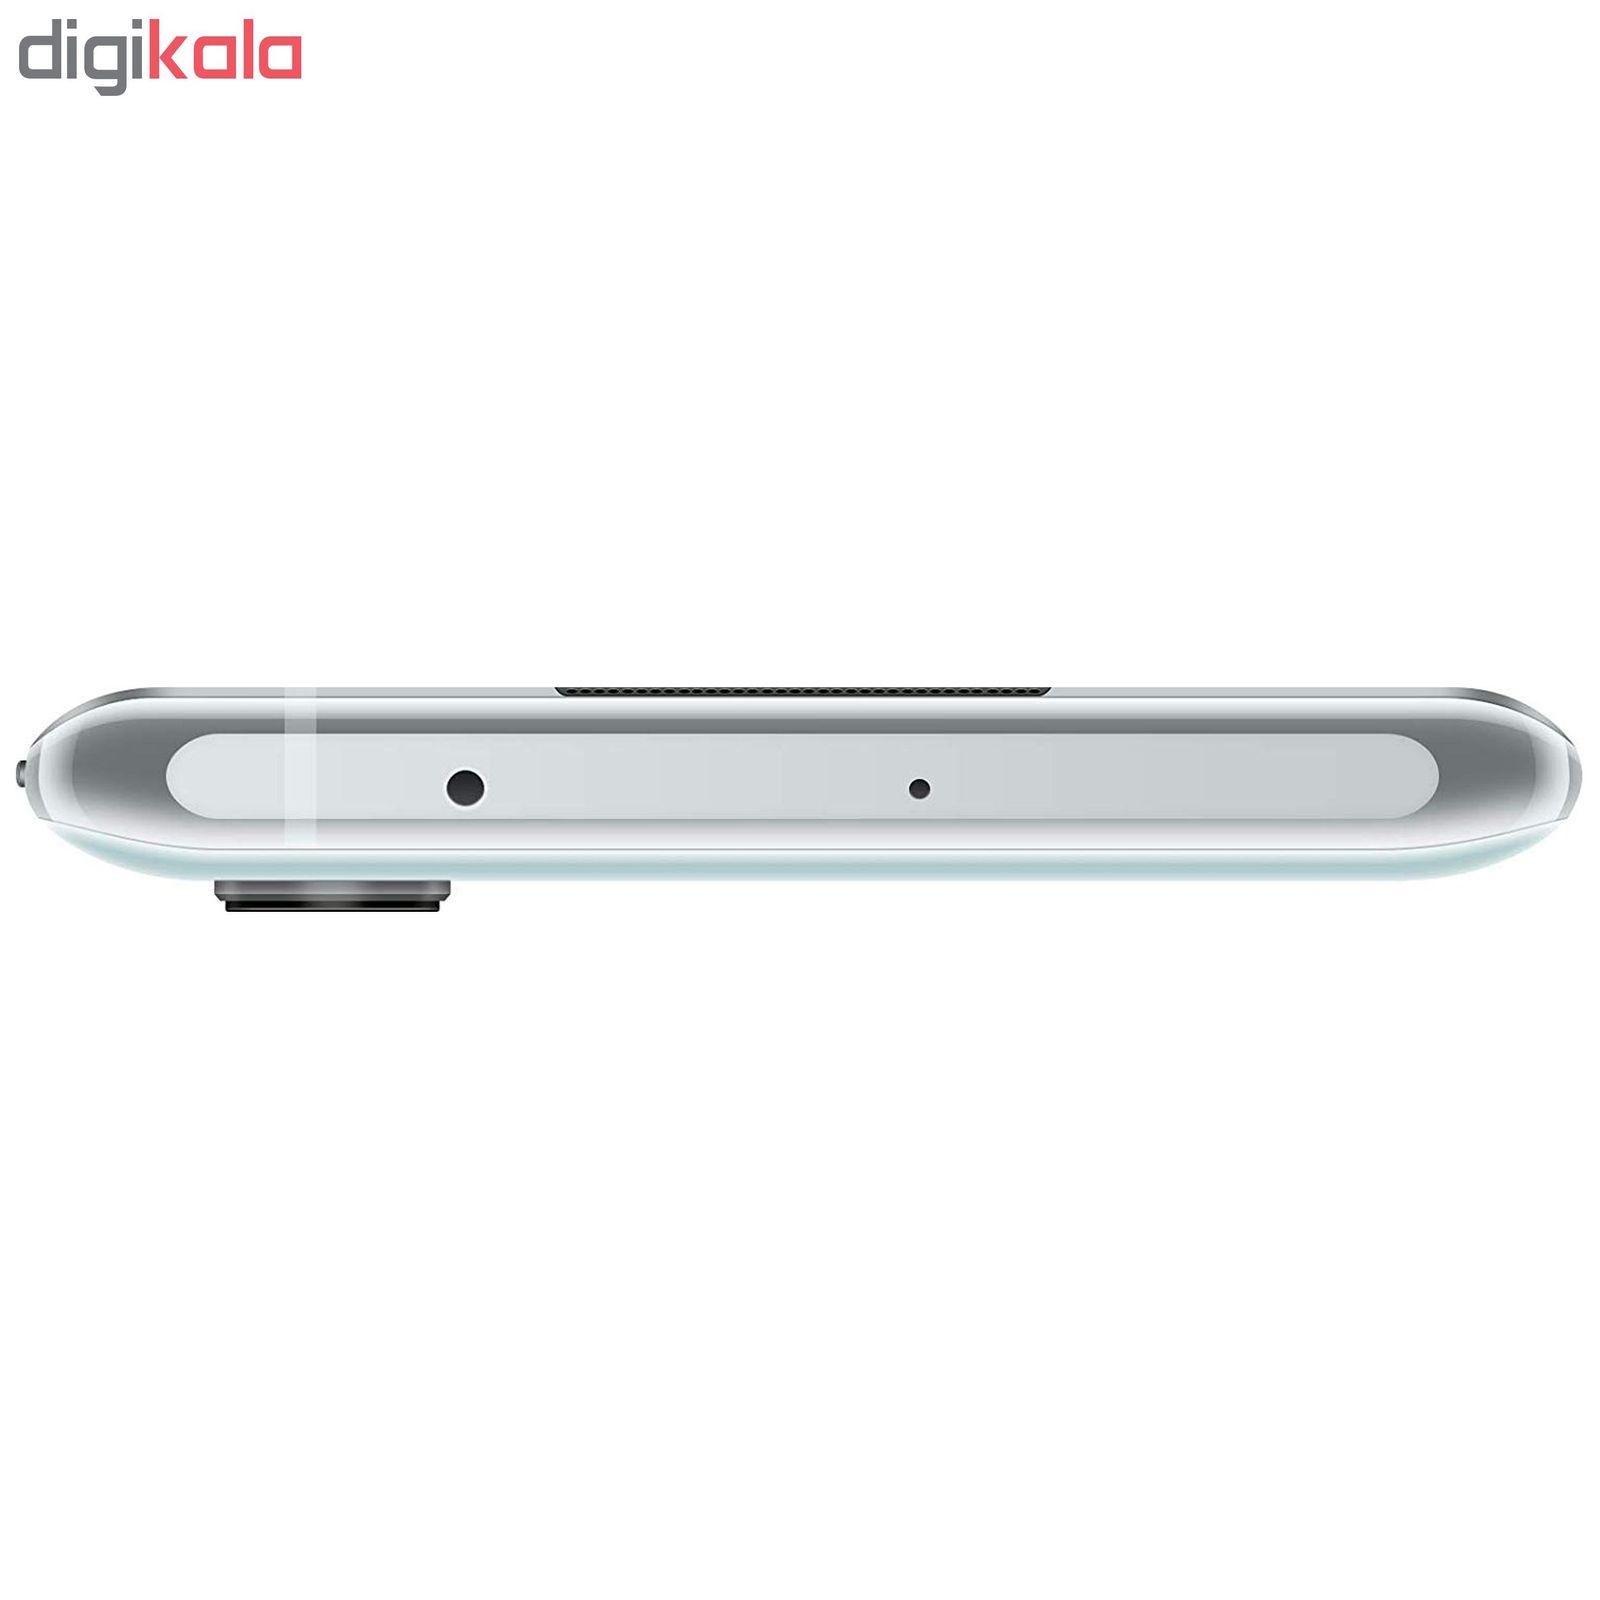 گوشی موبایل شیائومی مدل Mi Note 10 M1910F4G دو سیم کارت ظرفیت 128 گیگابایت main 1 9